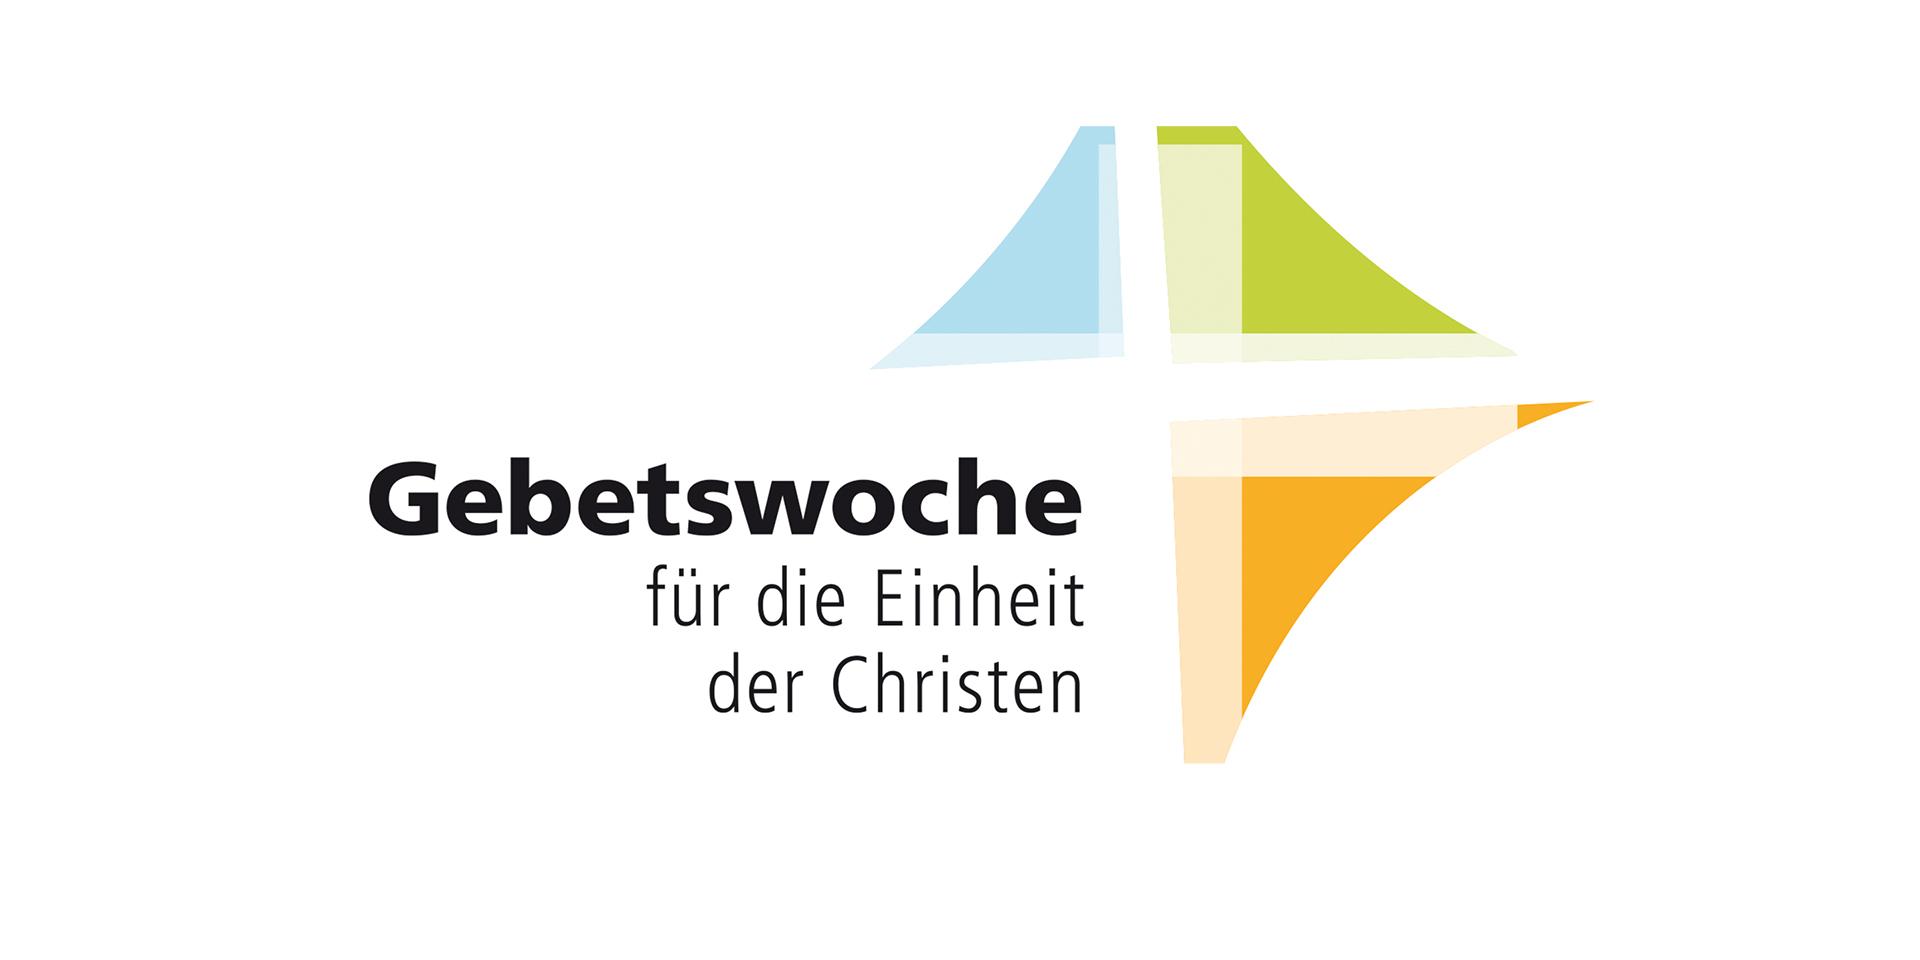 Logo Gebetswoche zur Einheit der Christen Weißraum